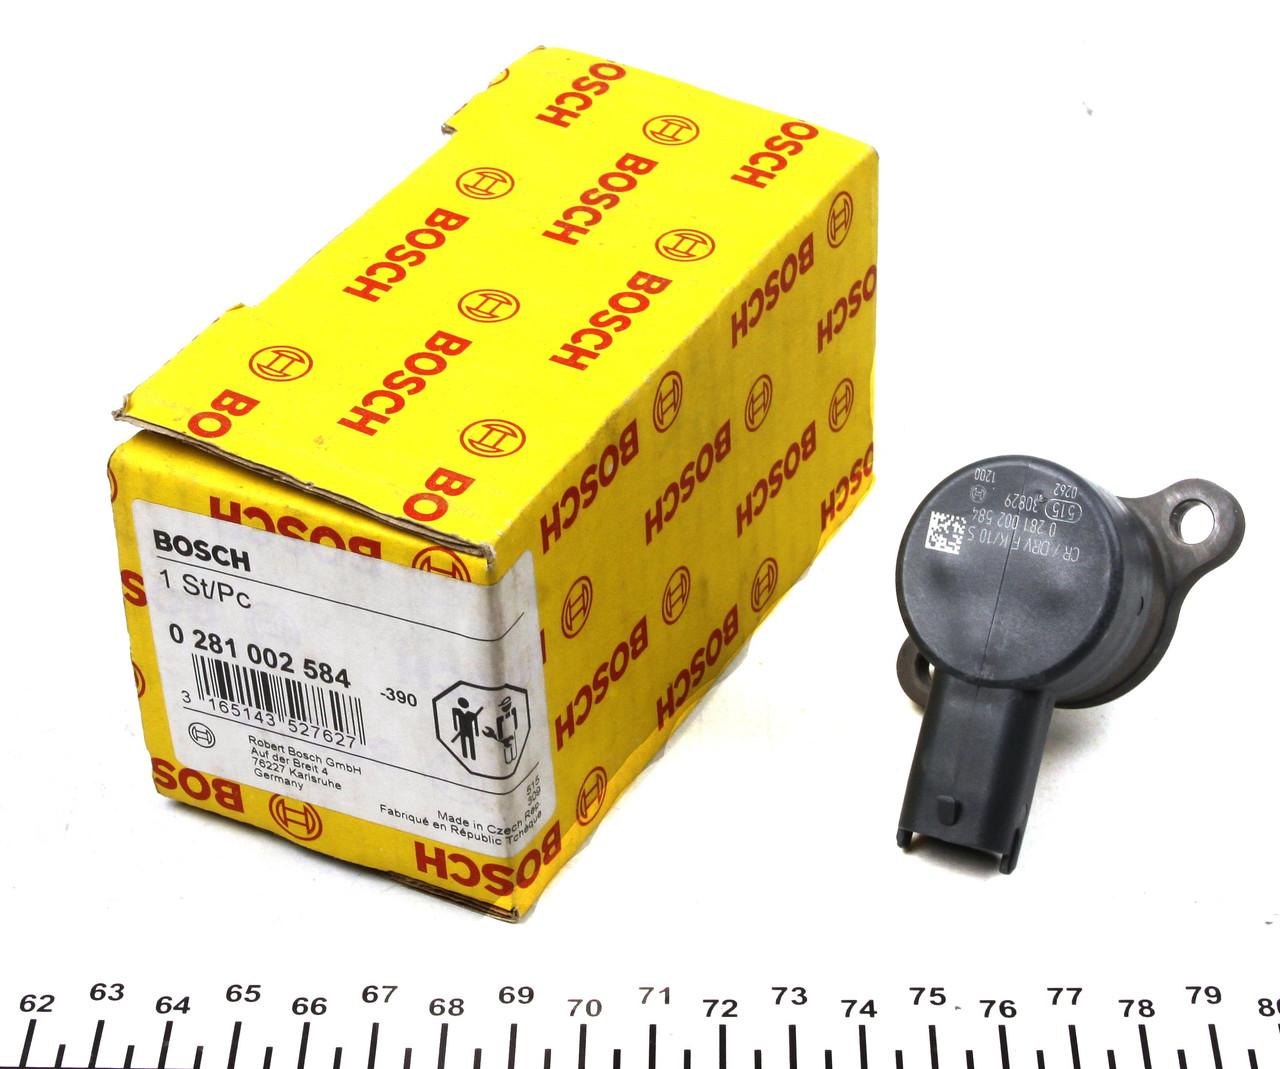 Датчик топливной рейки Fiat Doblo 1.3JTD 2003-, BOSCH -0 281 002 584-Германия